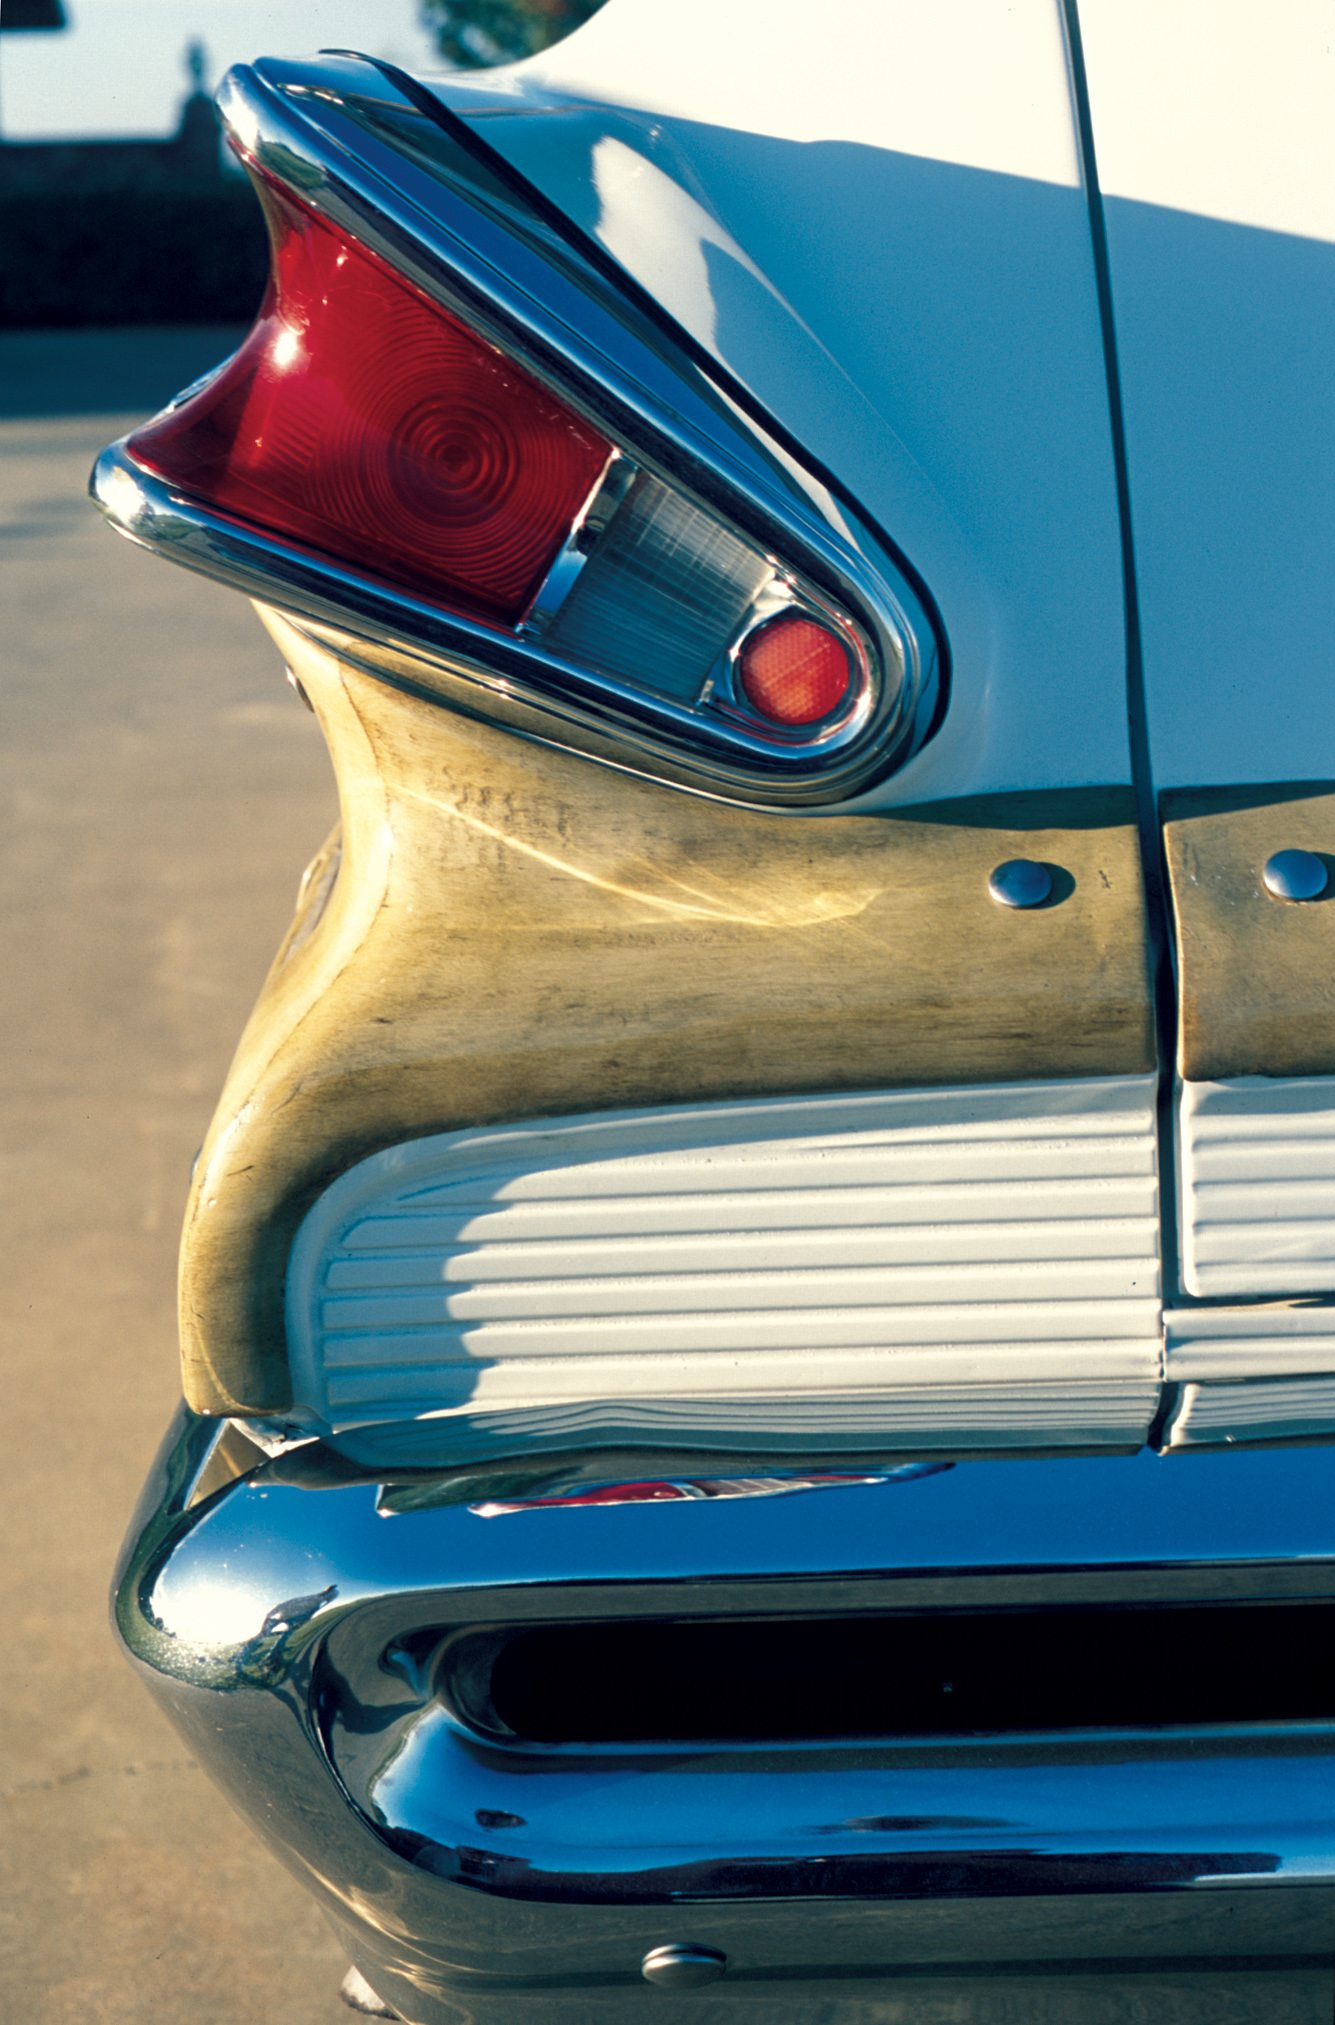 1957 Mercury Colony Park V-shaped Tail Lamps